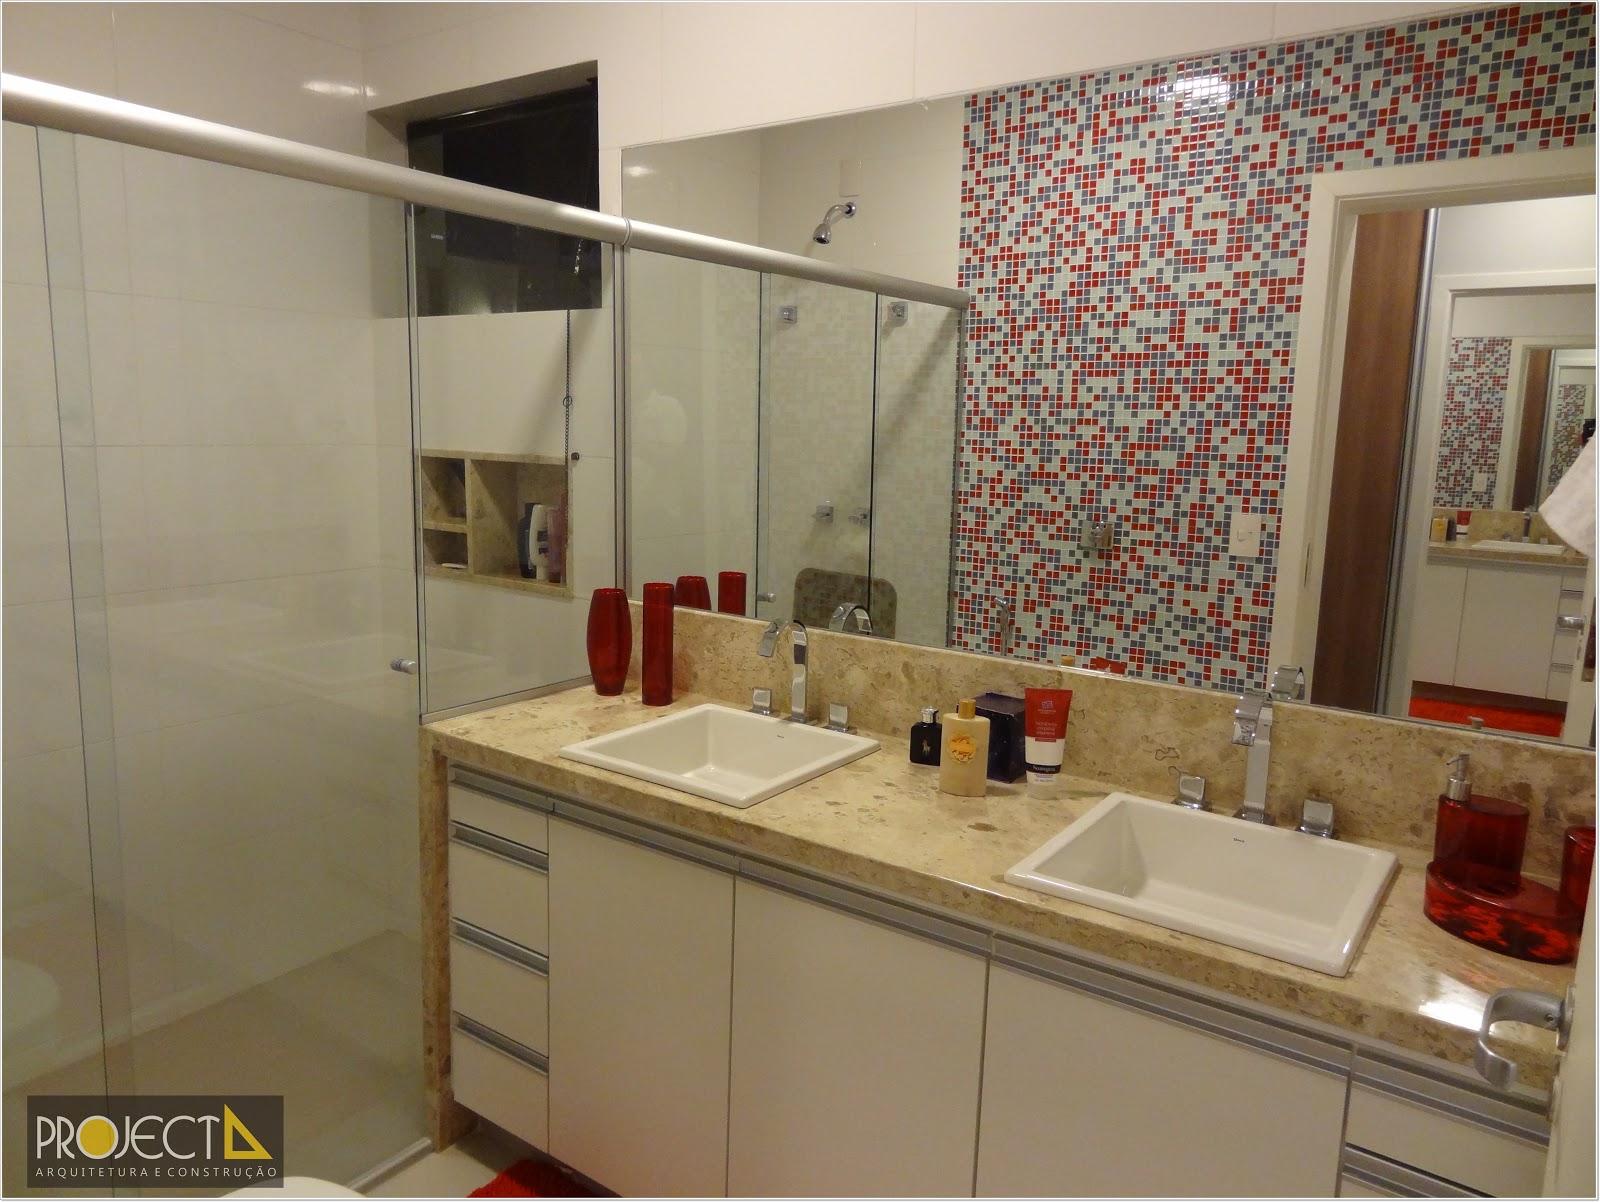 Projecta Arquitetura e Construção: Reforma Residêncial no City  #A77C24 1600x1202 Banheiro Arquitetura E Construção